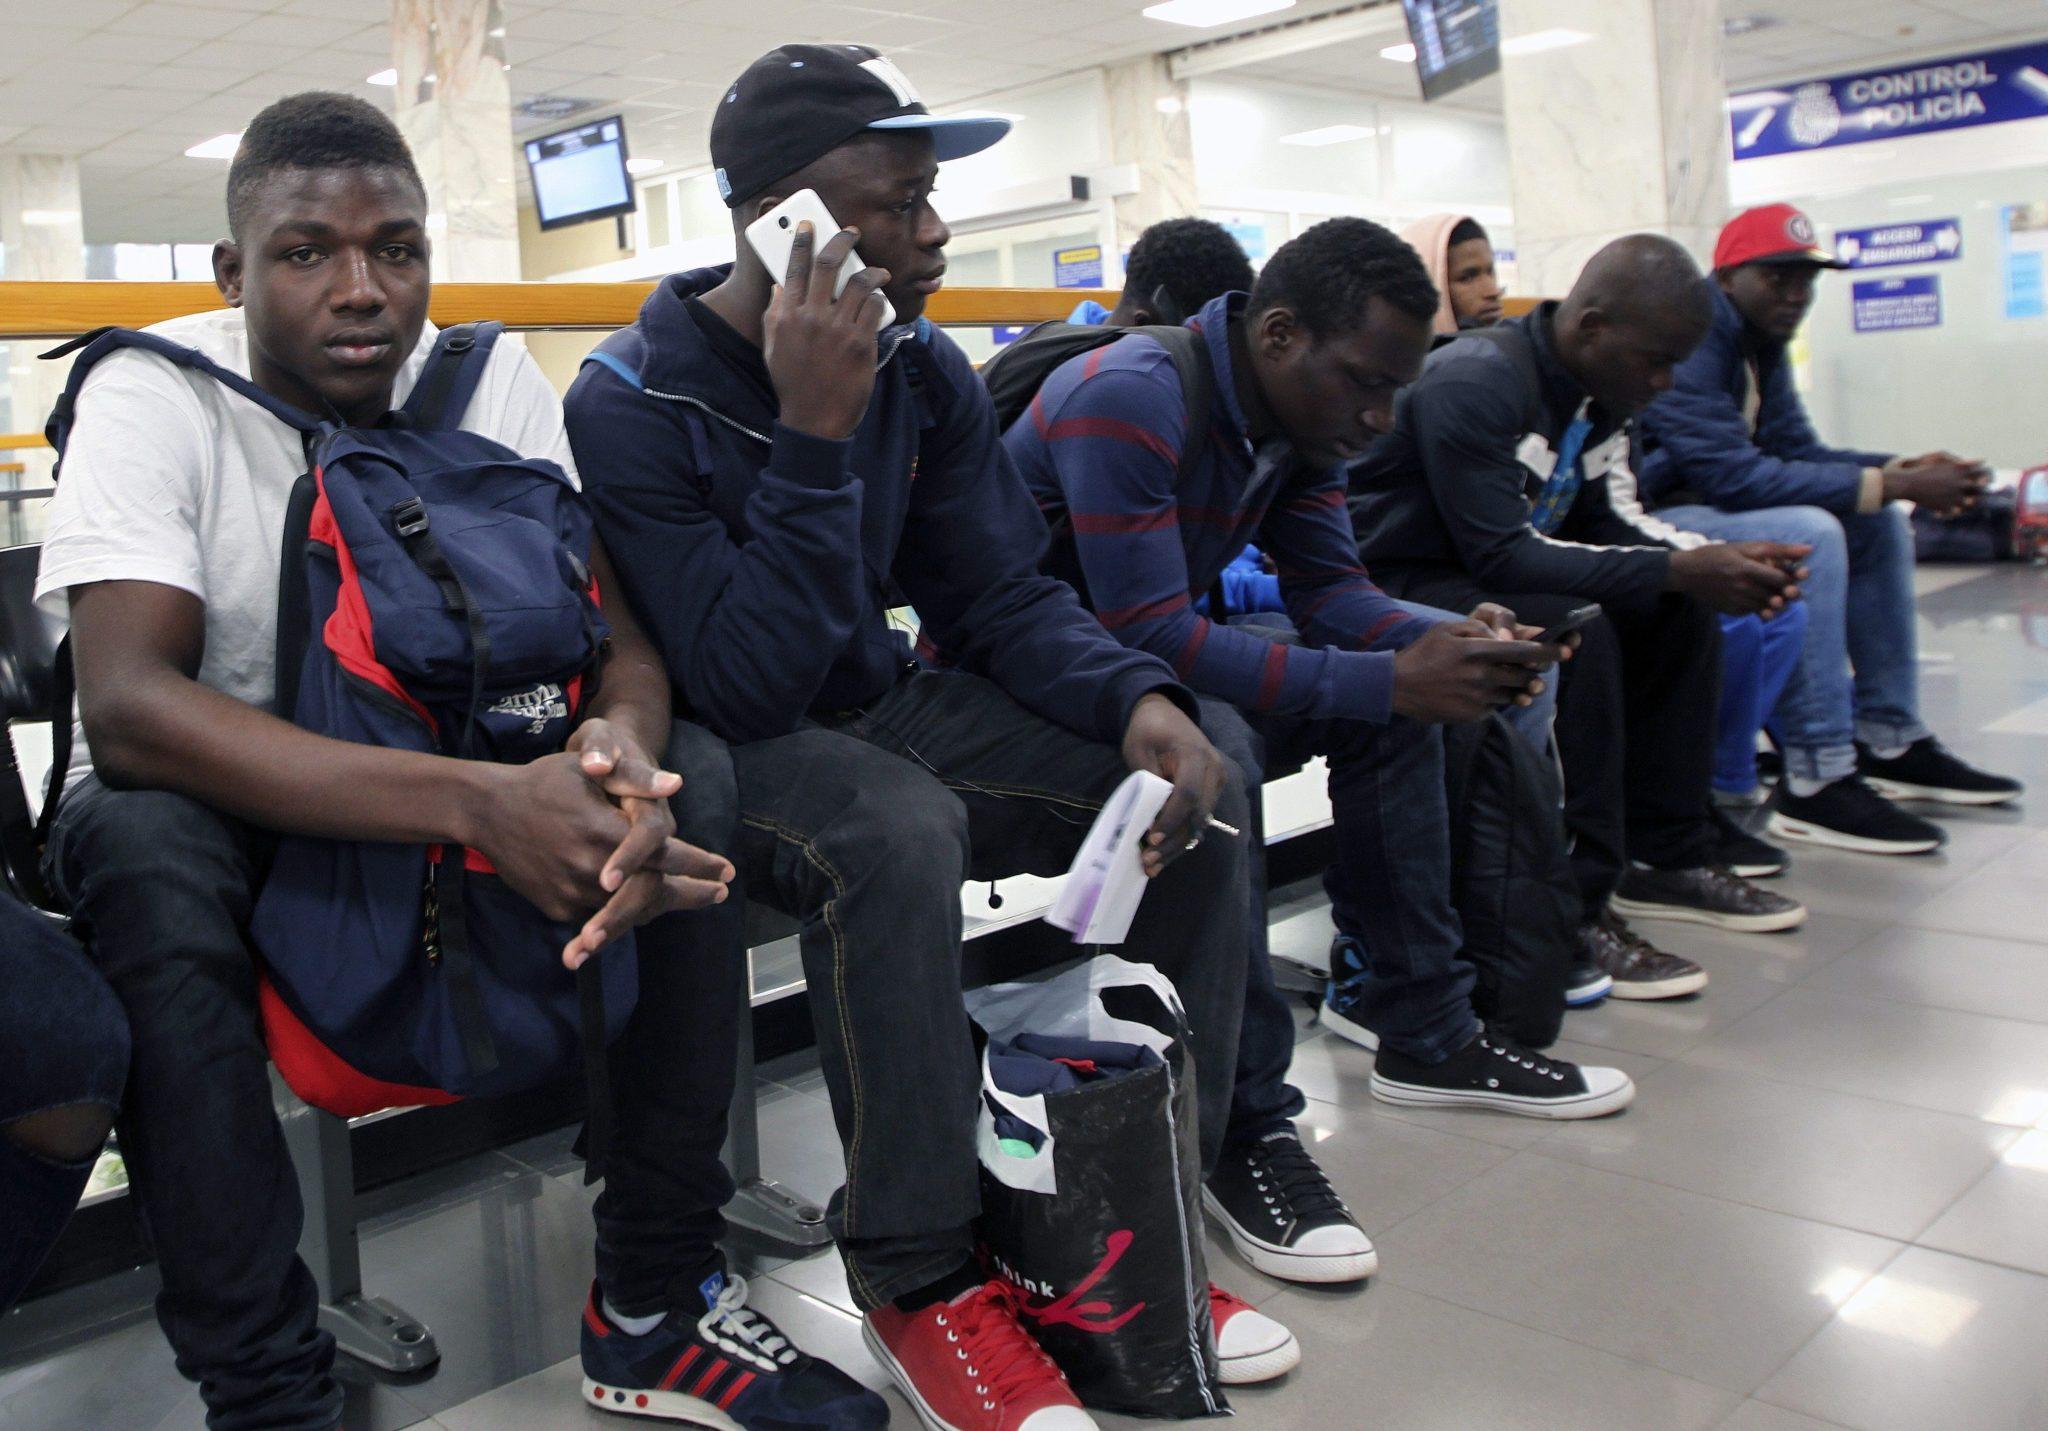 Hiszpania: deportacja nielegalnych imigrantów w Ceuta (foto. PAP/EPA/REDUAN)